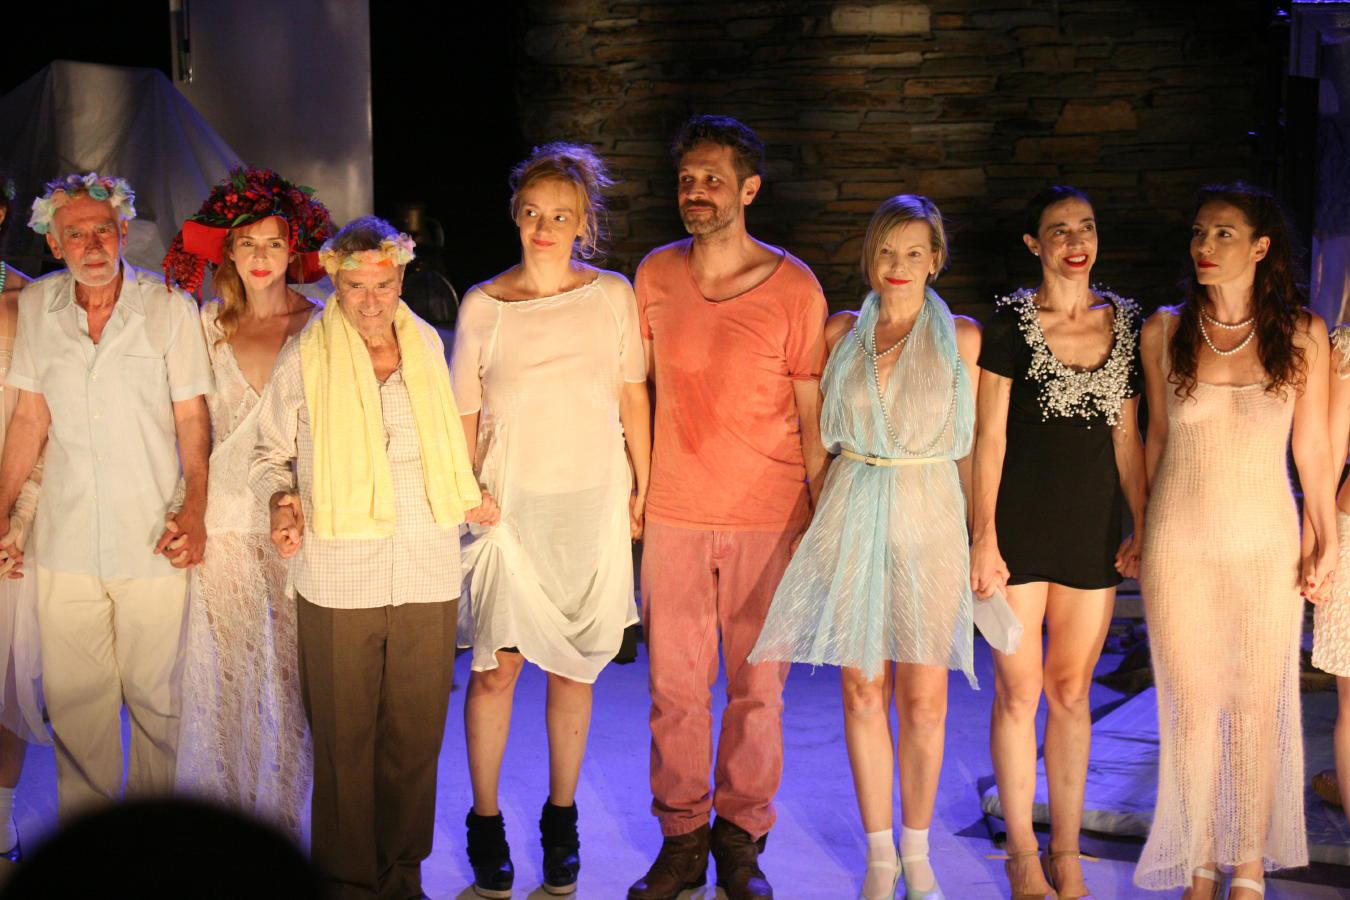 λυσιστρατη Μαρμαρινού 2ο φεστιβάλ Άνδρου 12 αυγ 2016 vanglouk androsfilm (5)